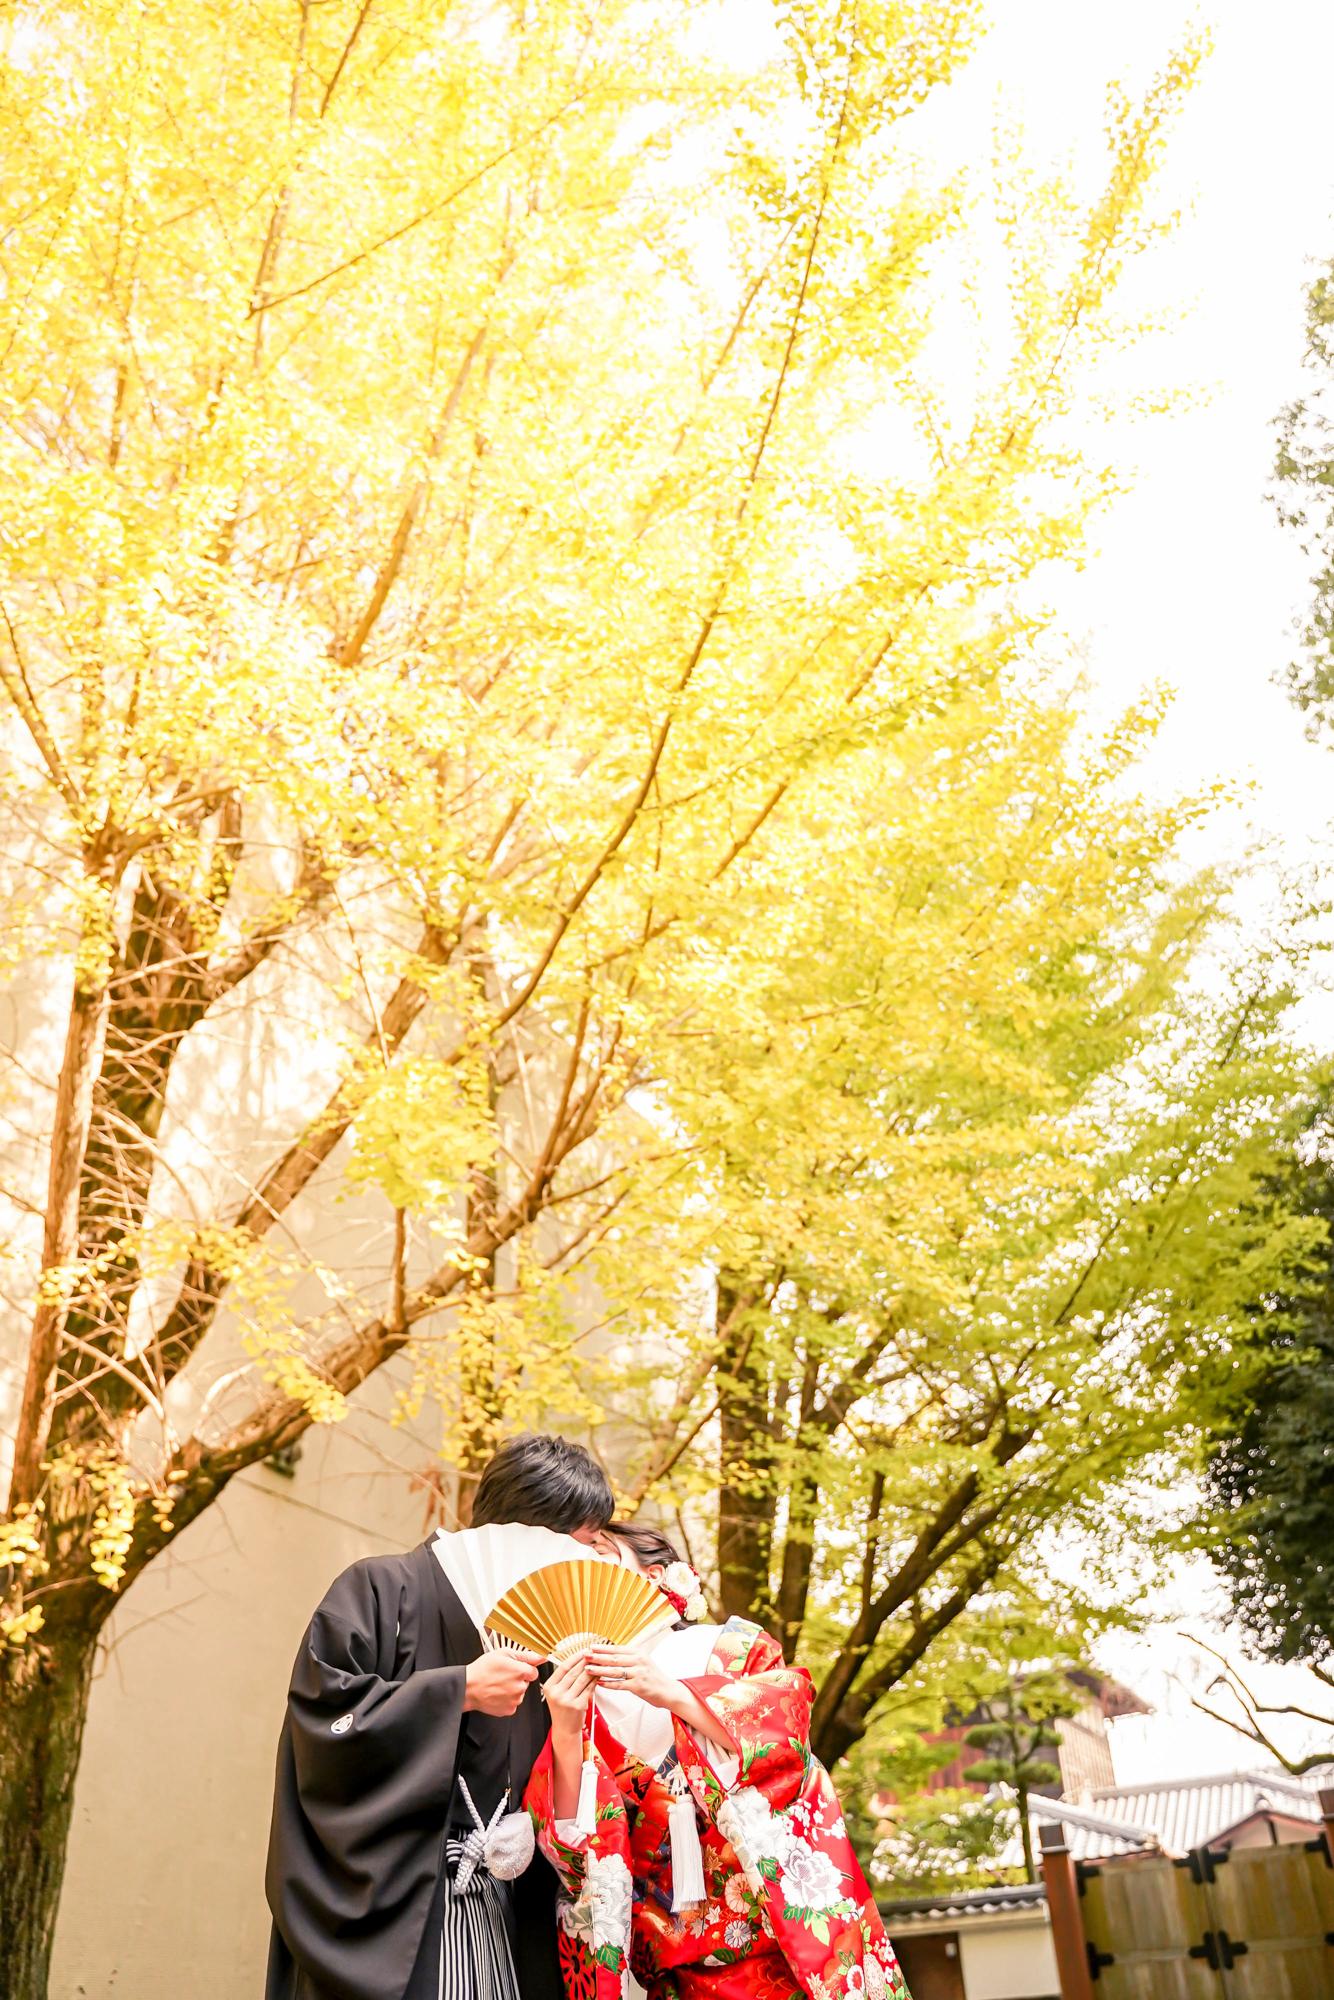 岡山前撮りNEMURAFILMSトップ12019後期紅葉キャンペーンバナー結婚式の前撮りを岡山や倉敷でするならネムラフィルムズ。しかも格安。桜前撮り受付中晴れの岡山後楽園おすすめポーズ2020桜前撮り新春キャンペーン2020バナー岡山前撮りNEMURAFILMS